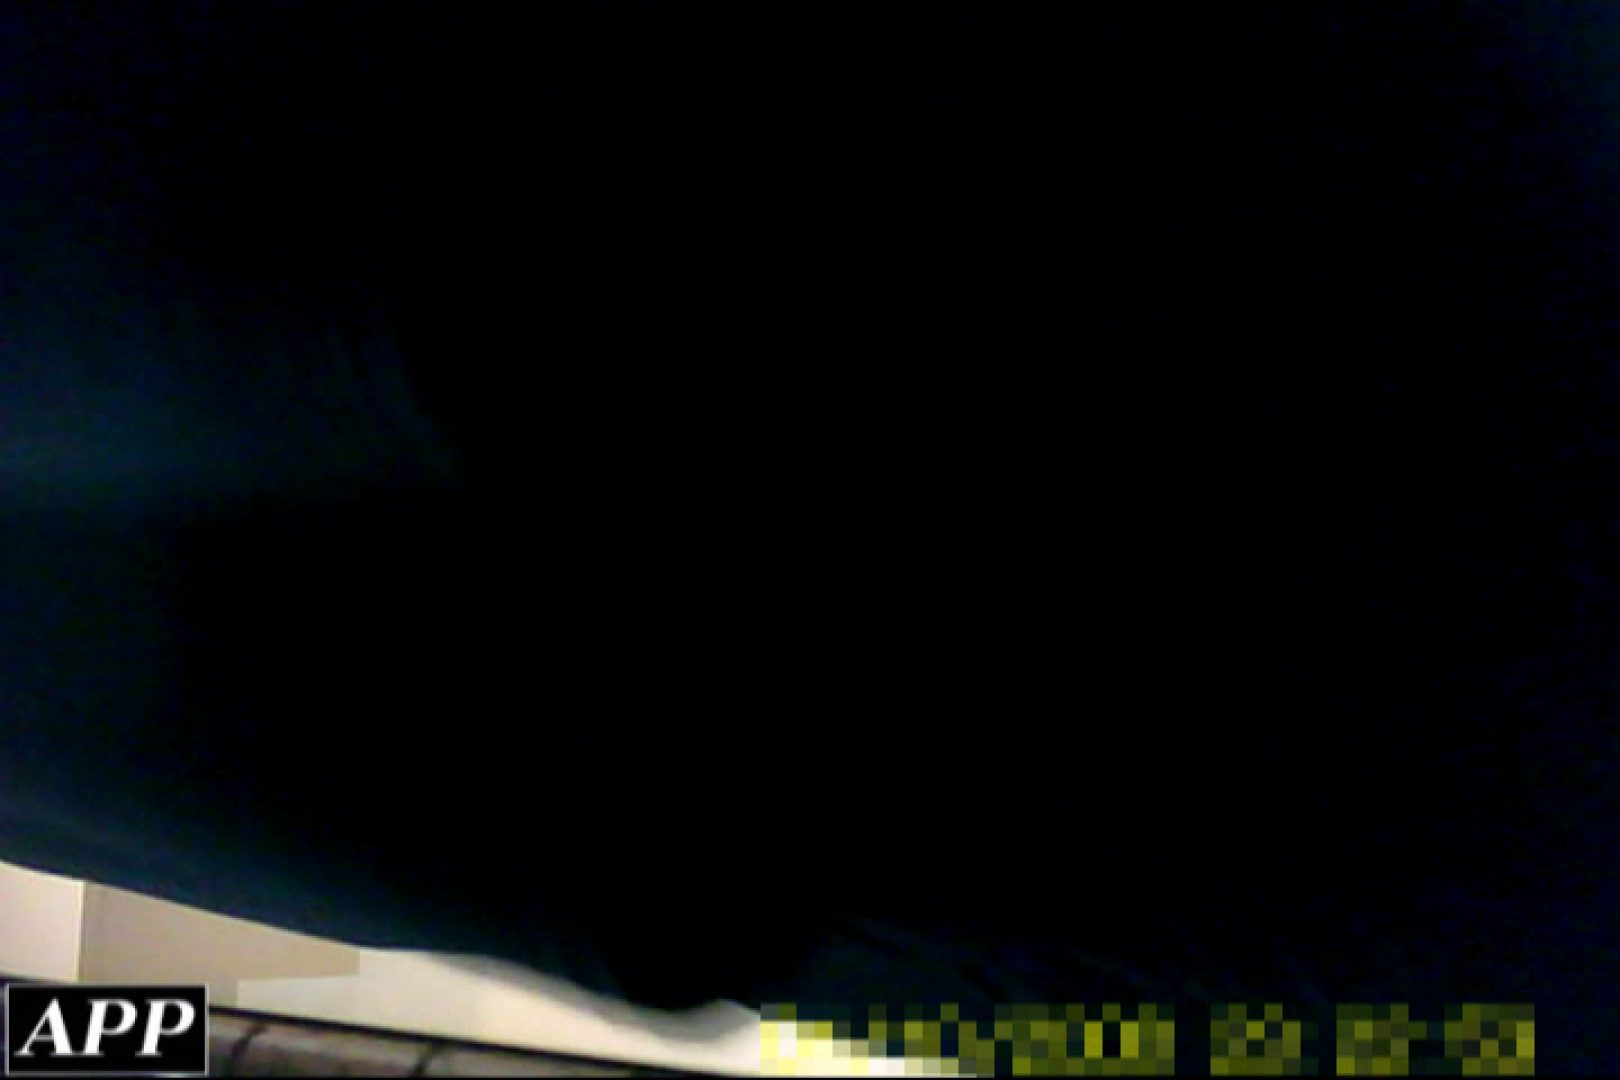 3視点洗面所 vol.127 OLのボディ オメコ無修正動画無料 100PIX 27